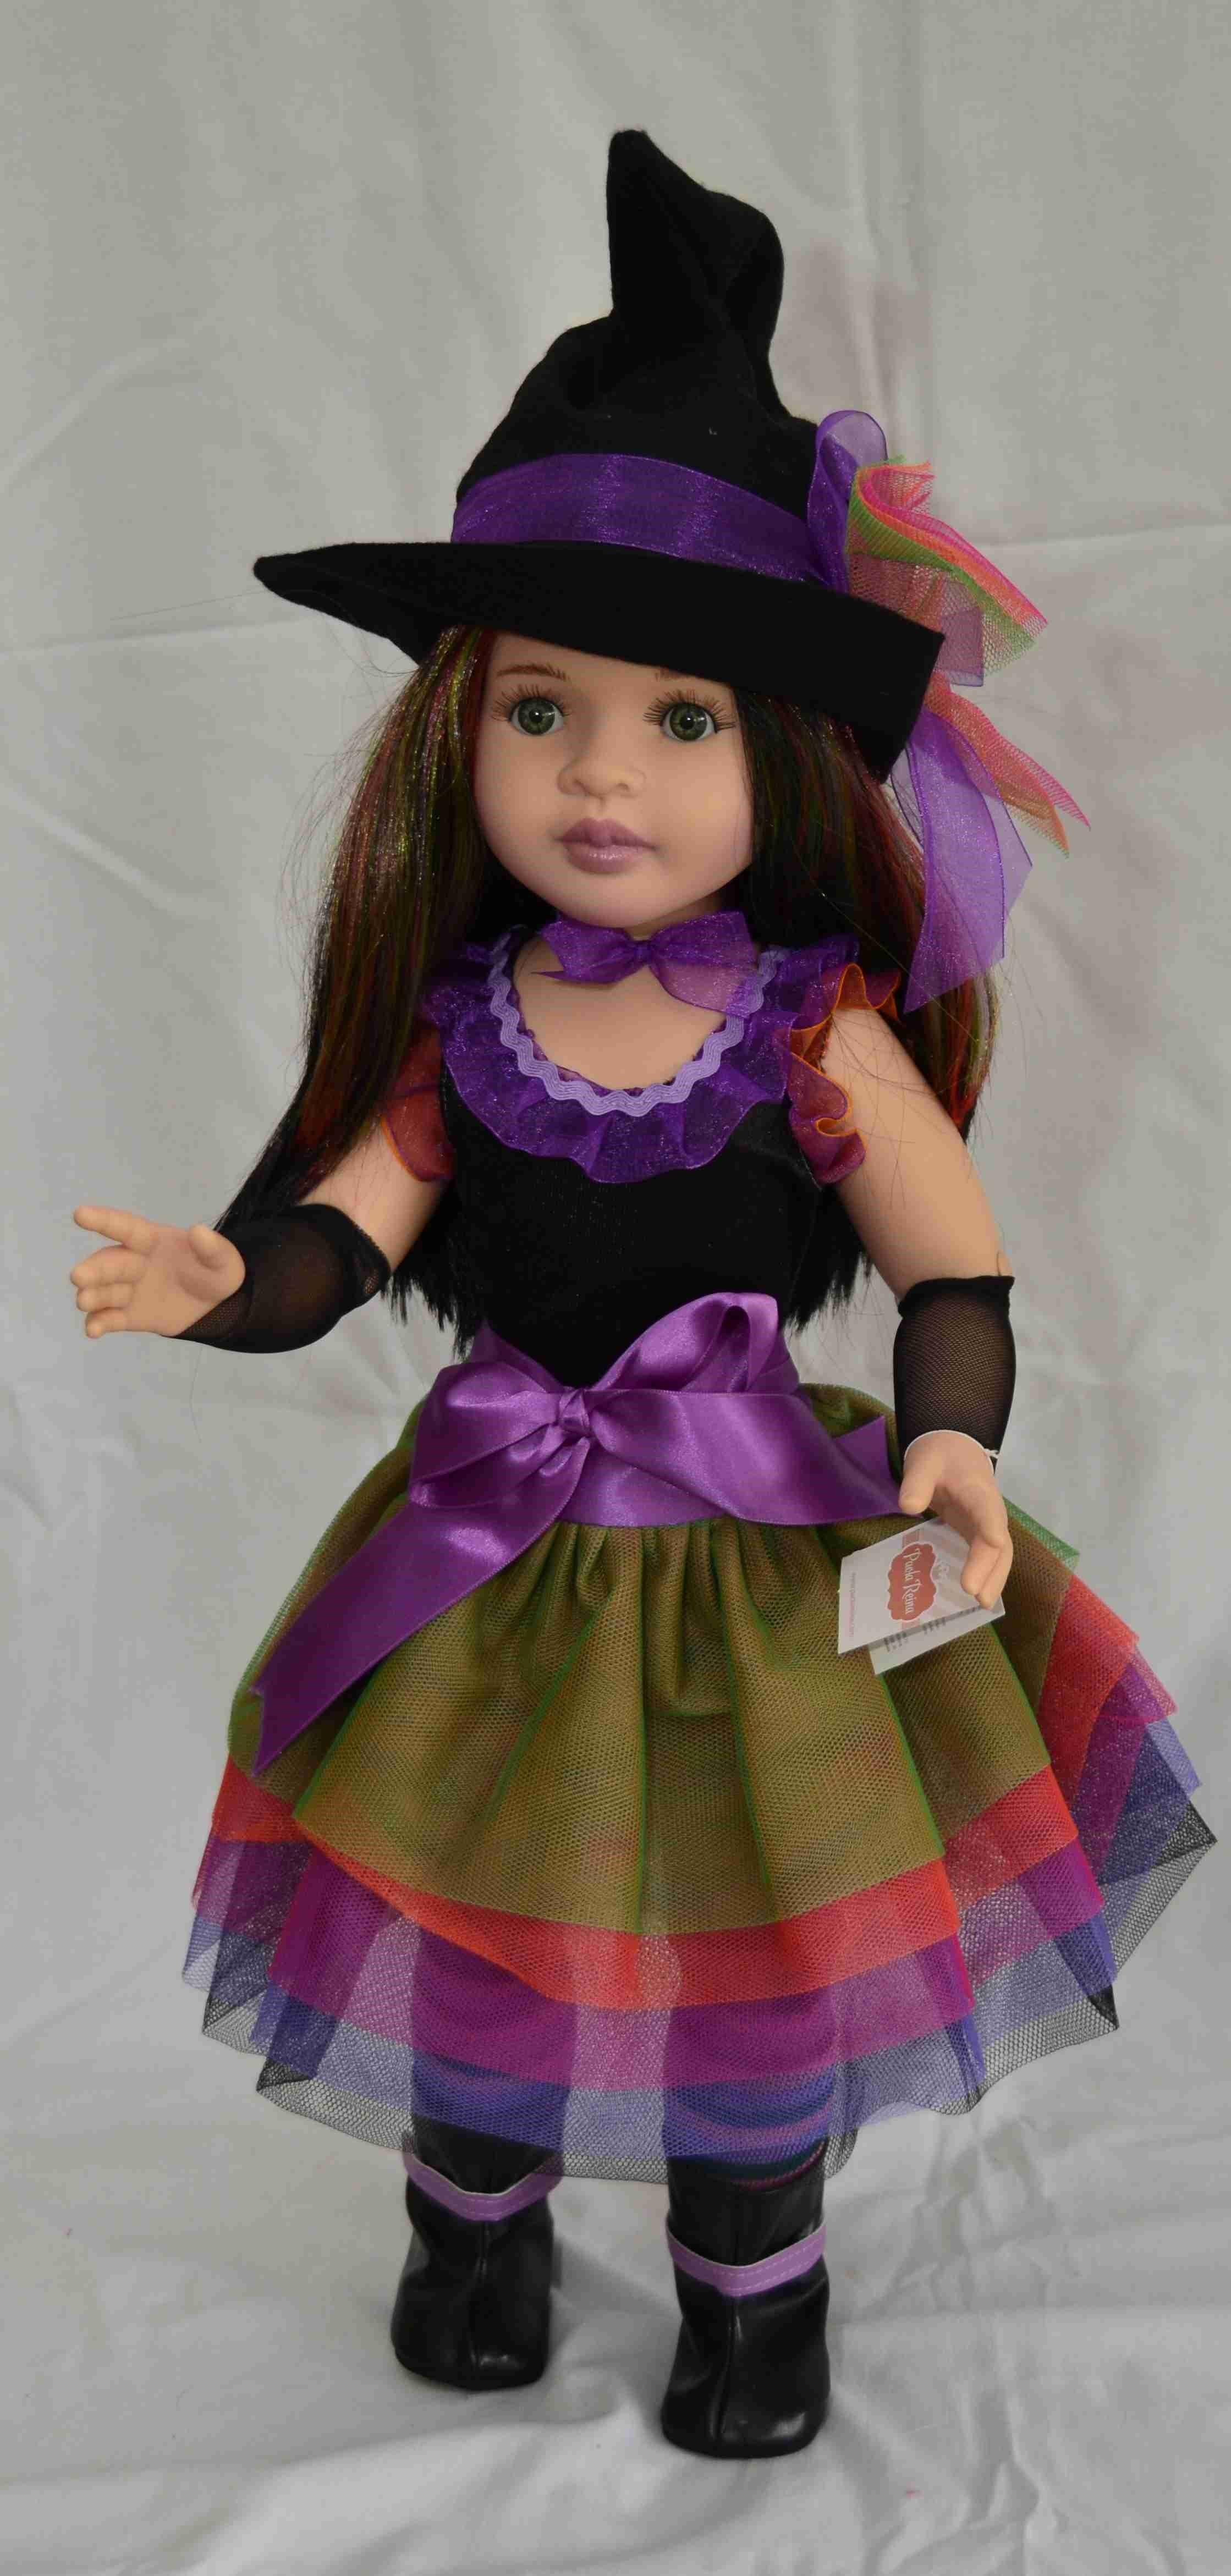 Realistická kloubová panenka Čarodějka od firmy Paola Reina ze Španělska